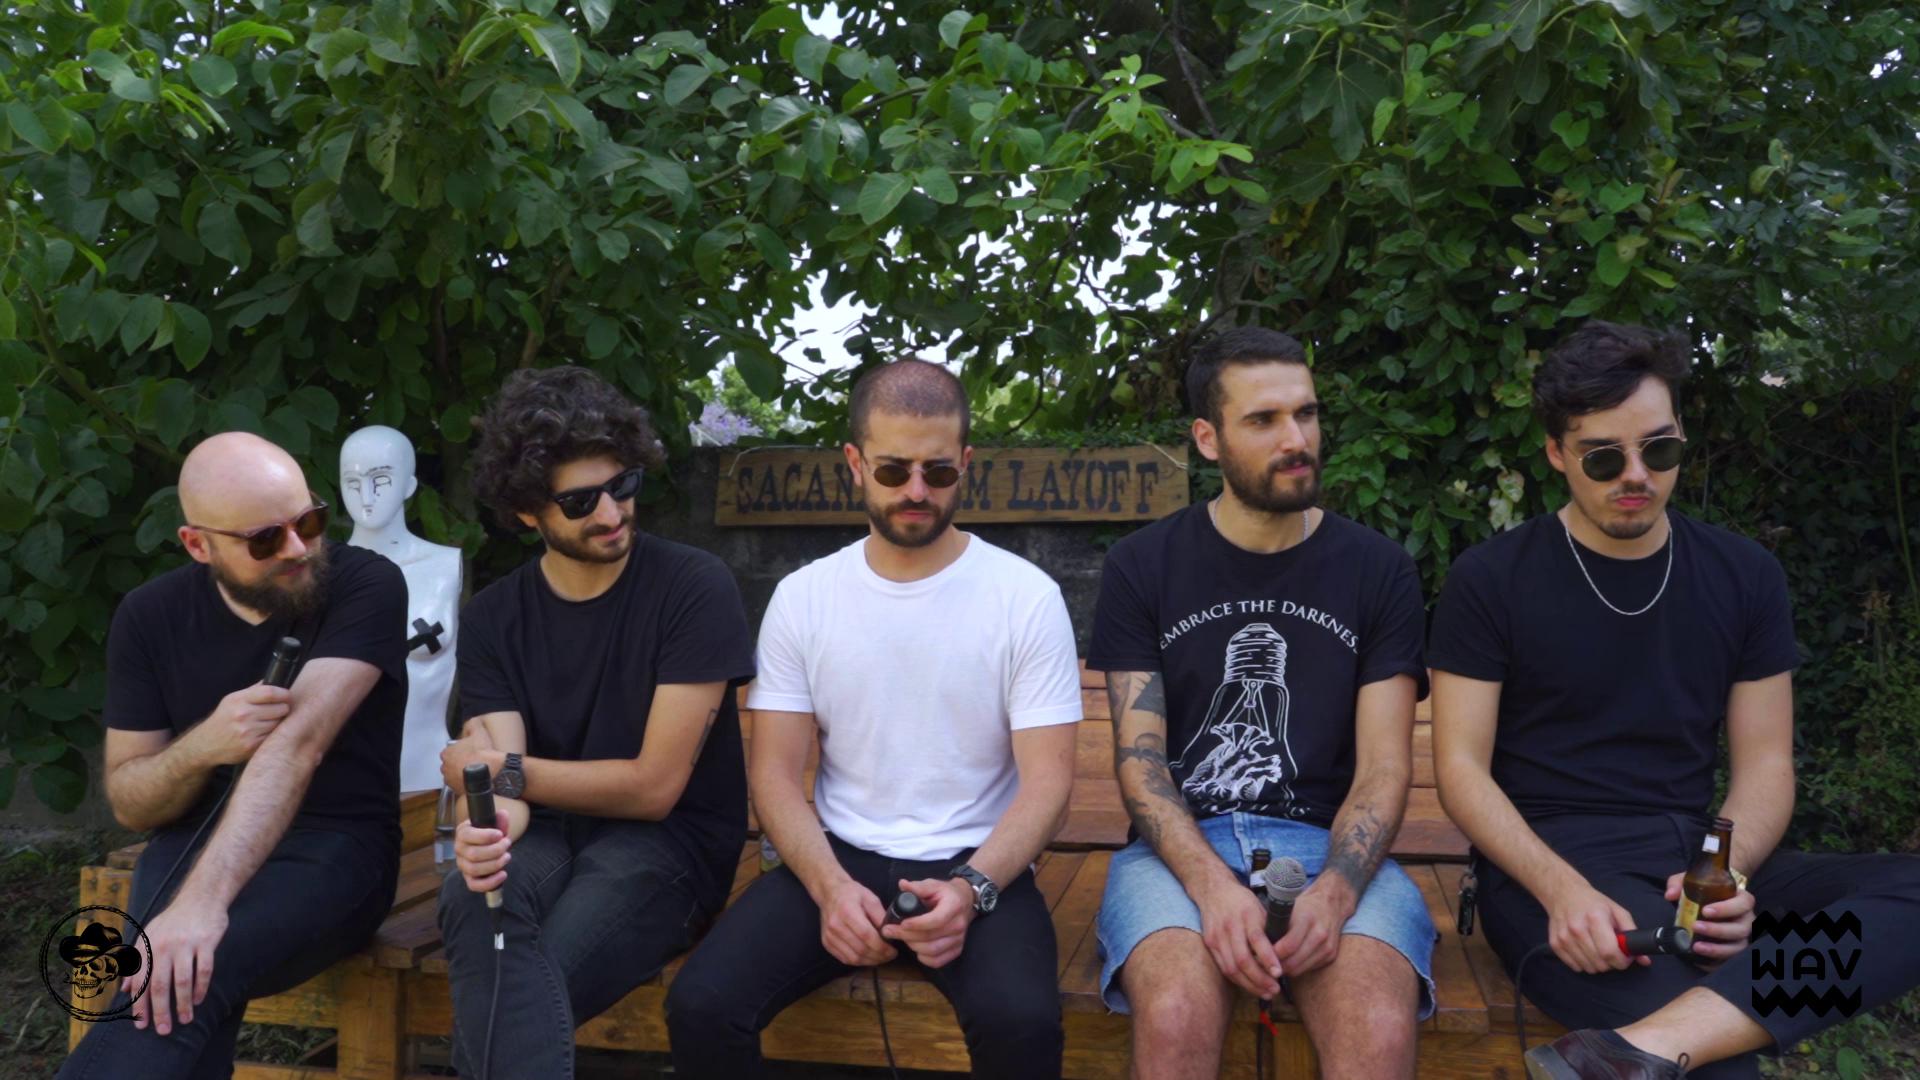 EVOKE COLLECTIVE x WAV apresentam Sacanas Sem Layoff - JUSEPH em Entrevista